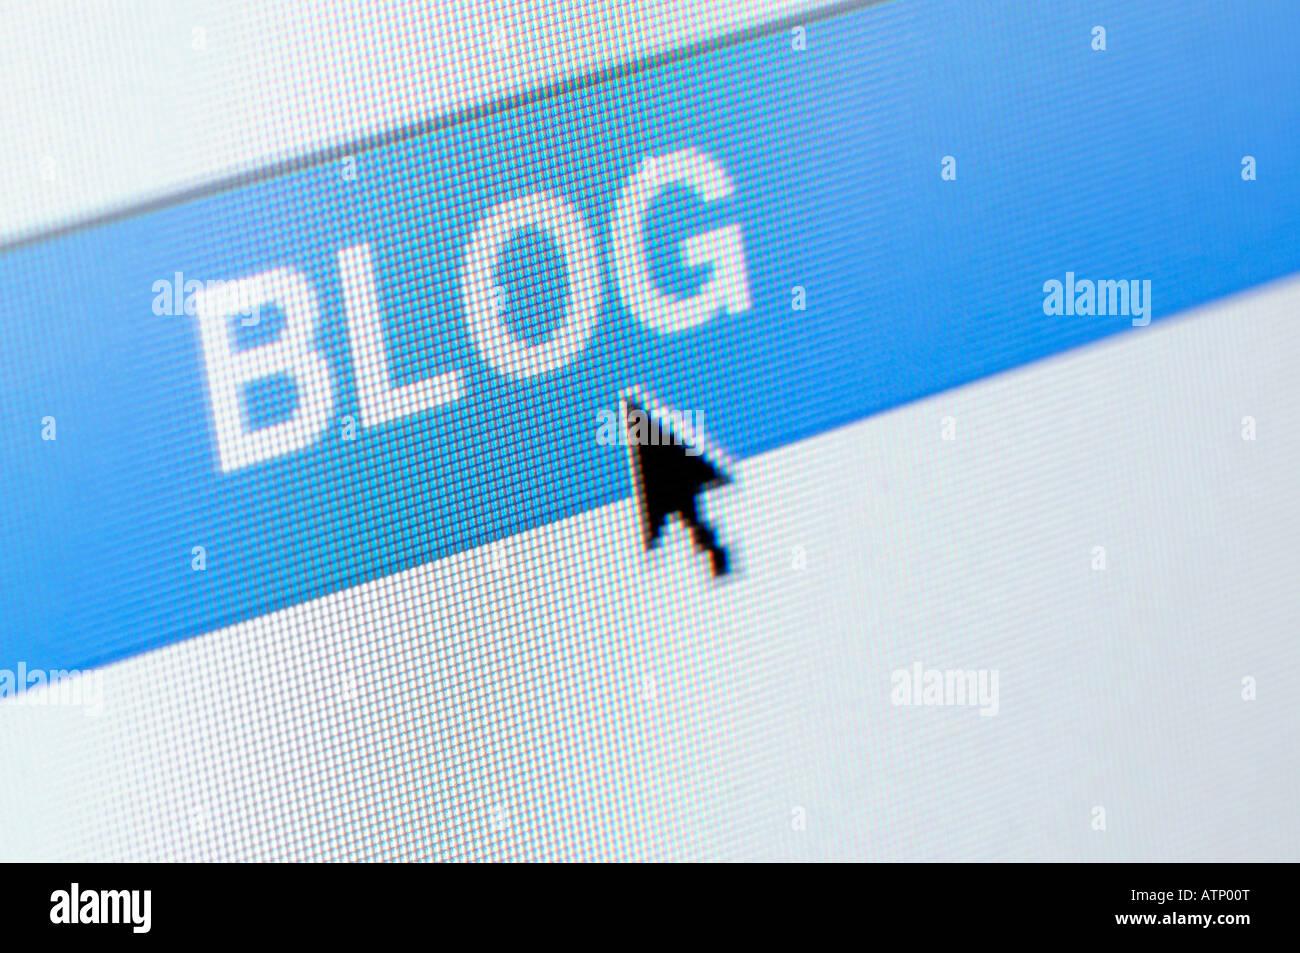 Computer screen blog close up - Stock Image